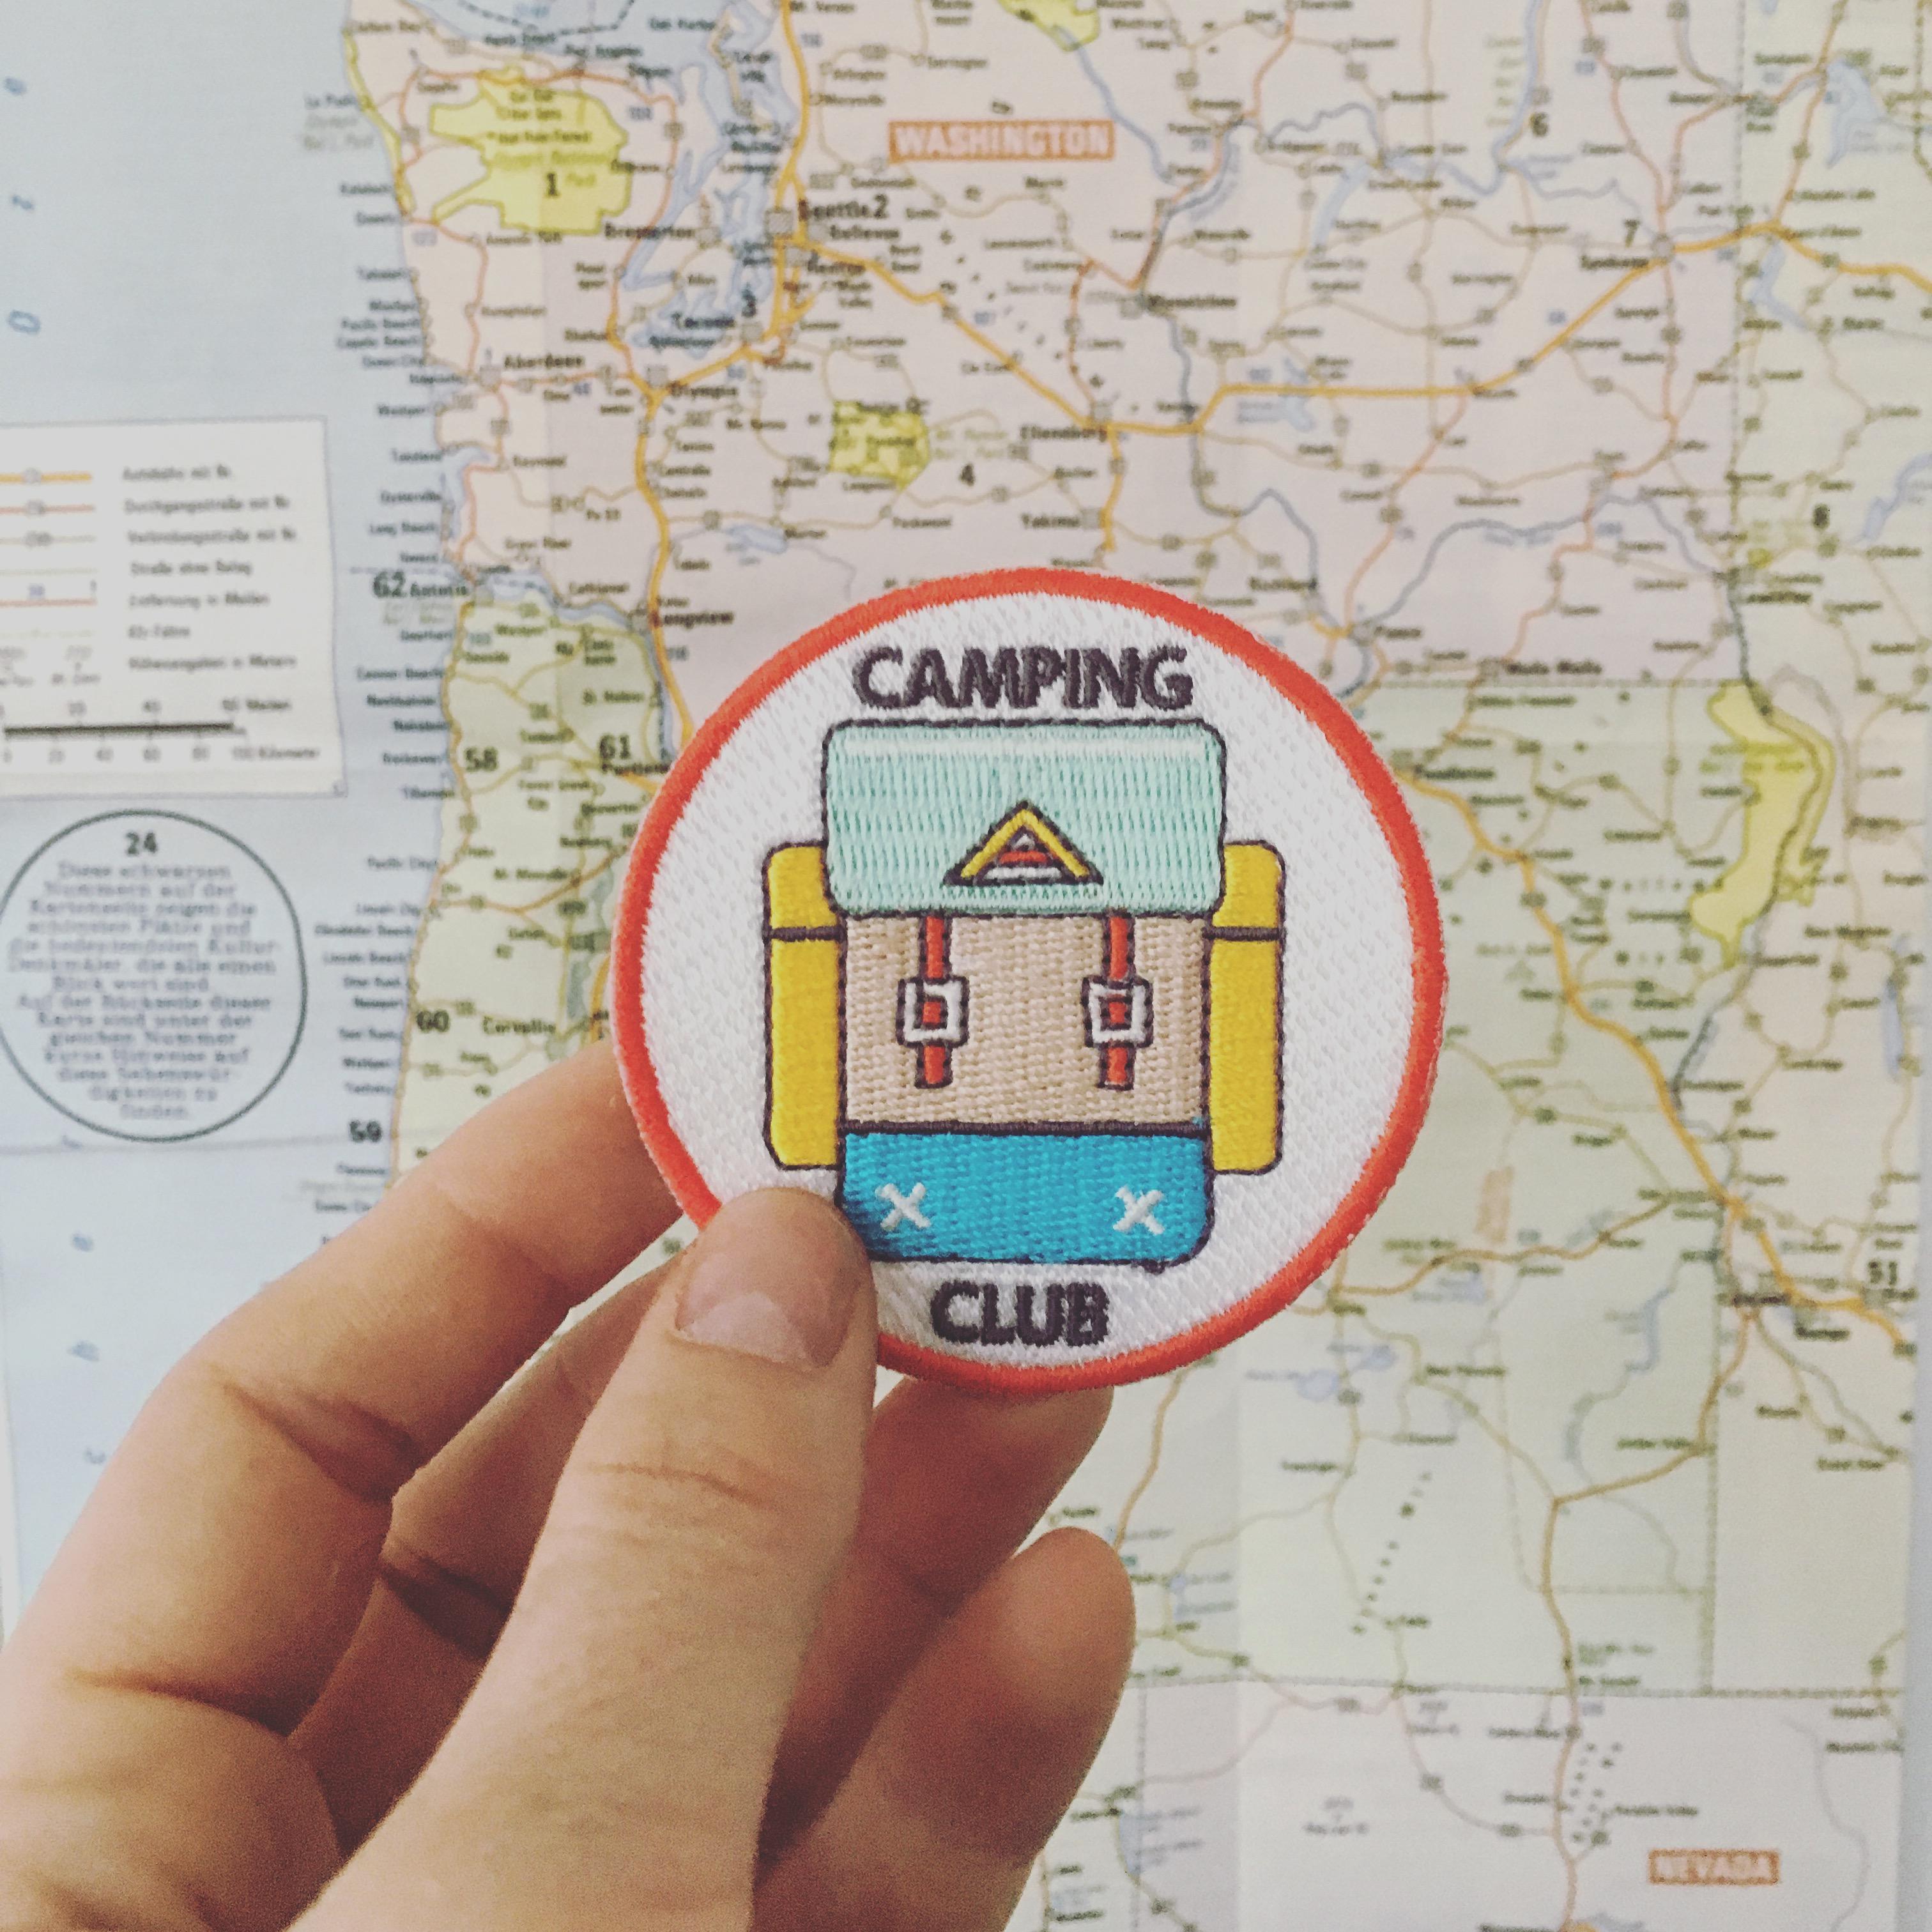 3maybeyoulike_Camping_club